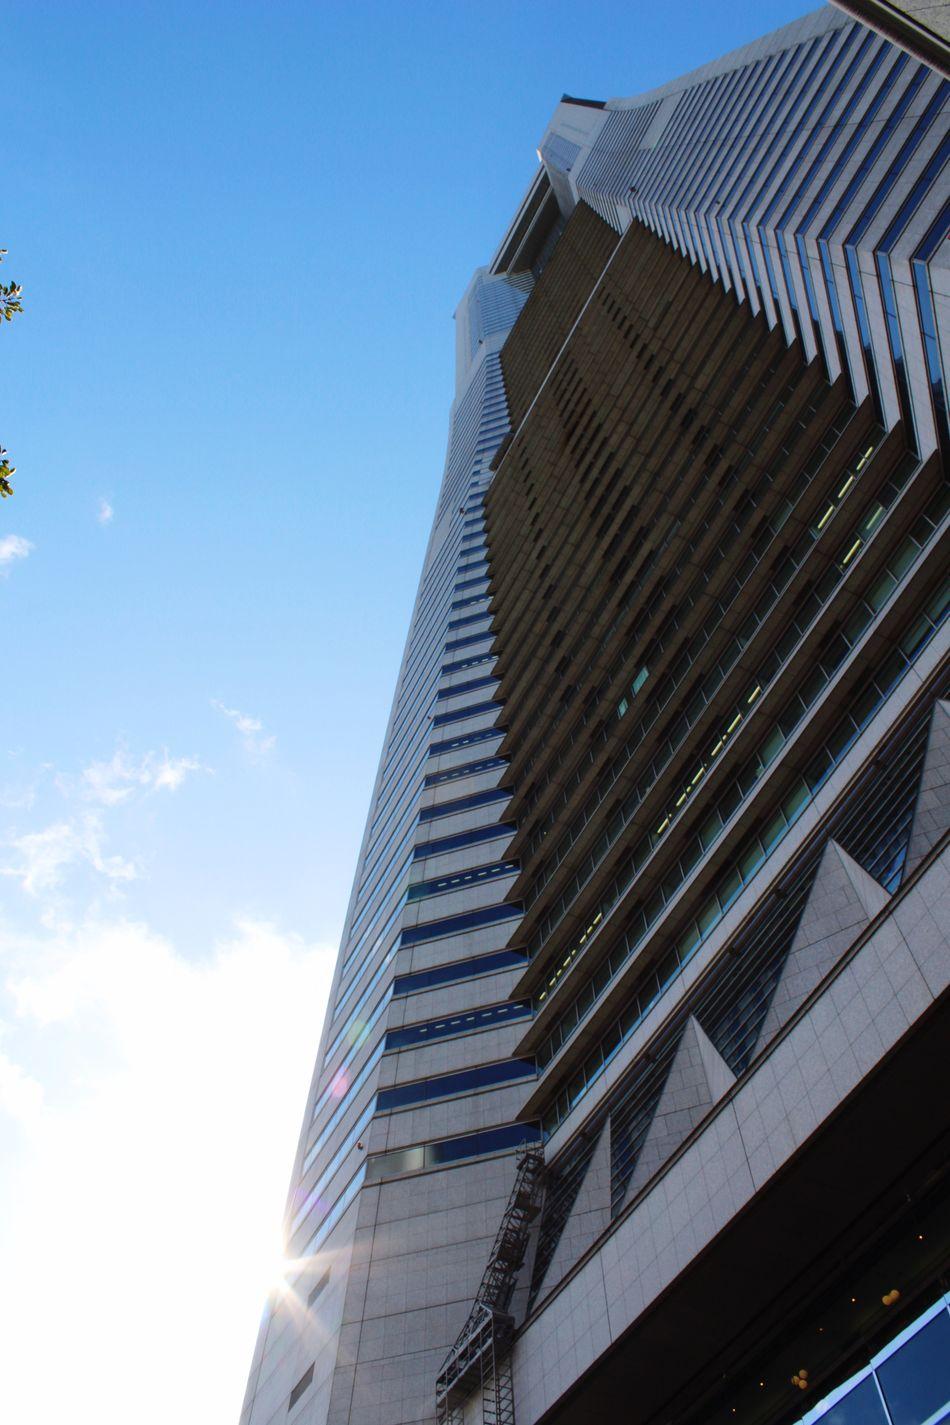 みなとみらい Goodday Yokohama EyeEm Sky Collection ランドマークタワー